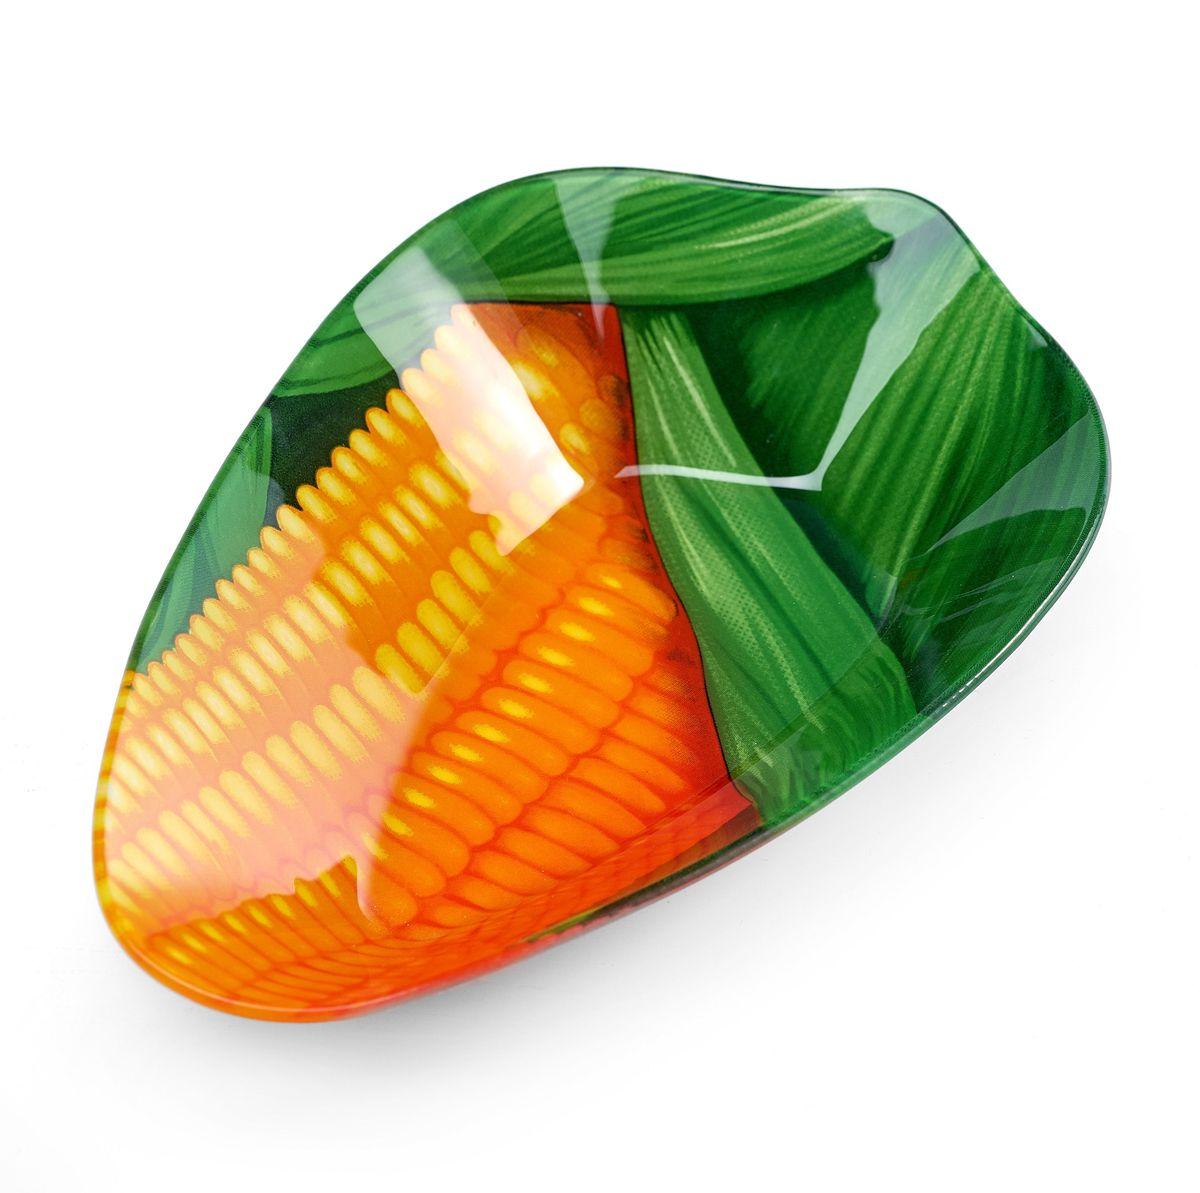 """Салатник Walmer """"Corn"""", цвет: зеленый, оранжевый, 16 x 25 см"""